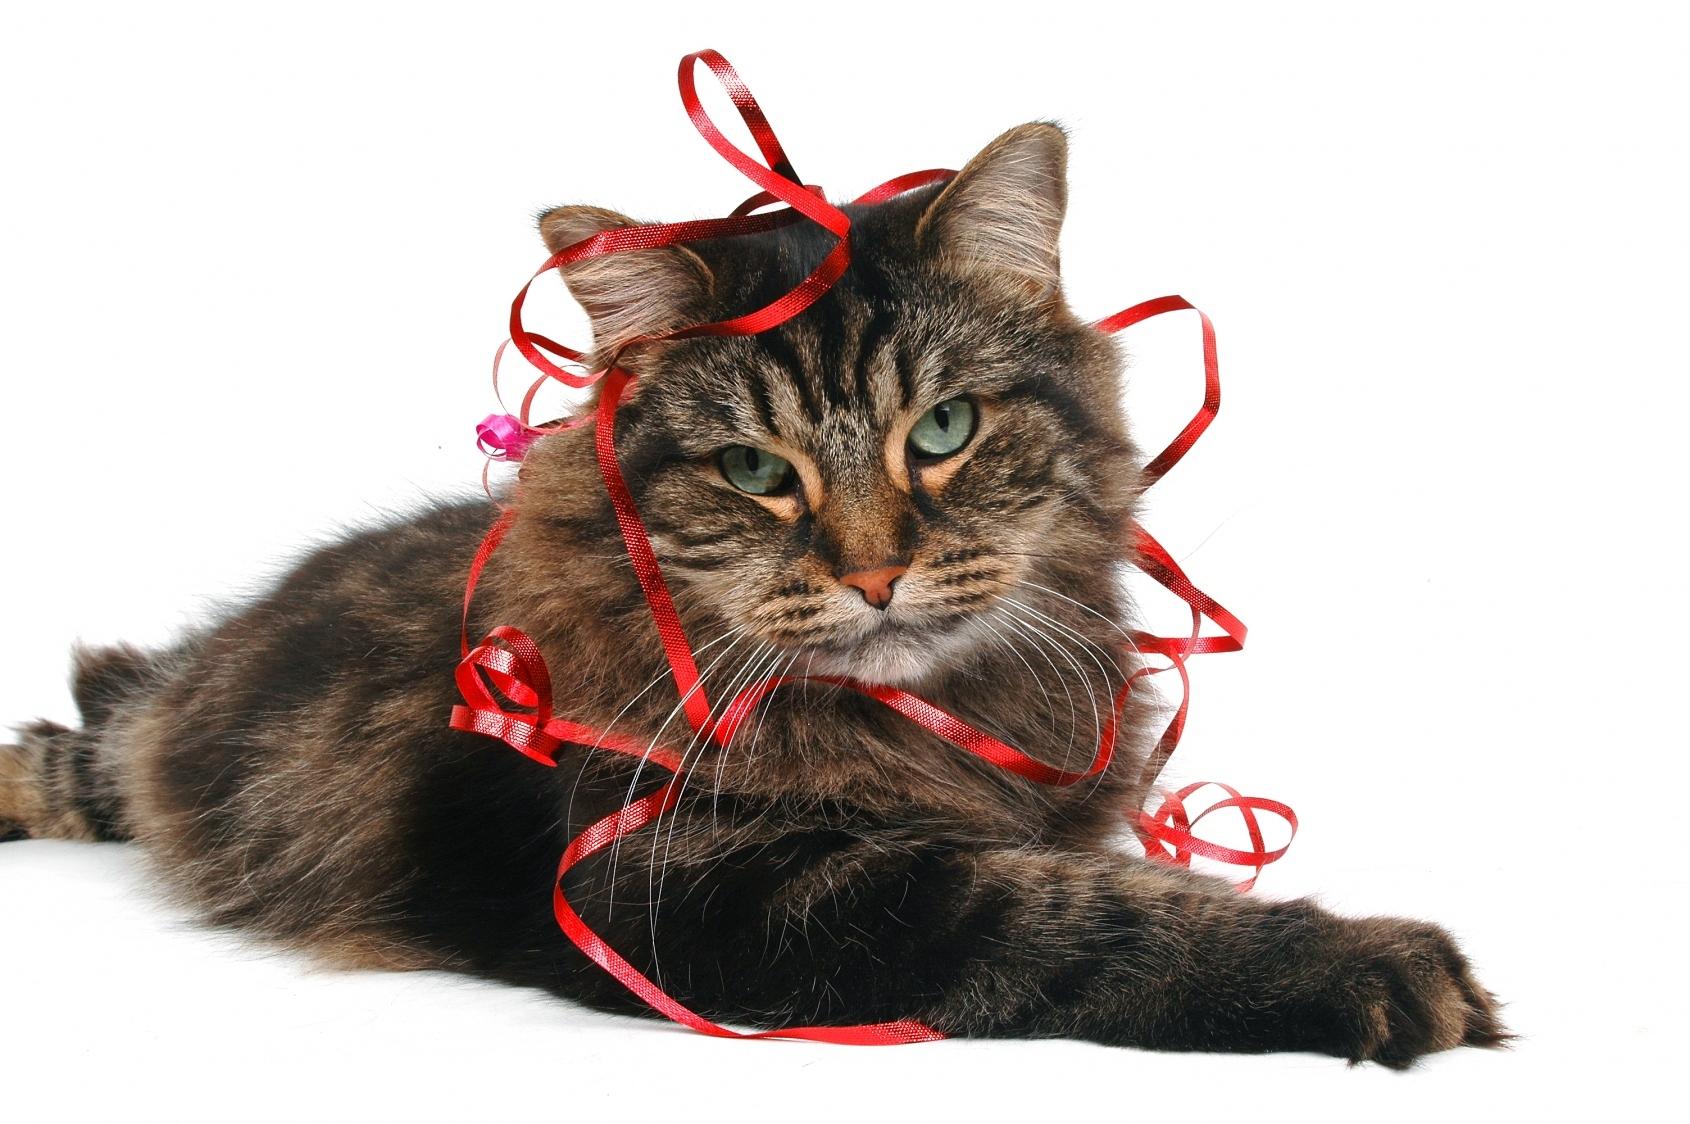 Lire la suite: Mon chat vomit